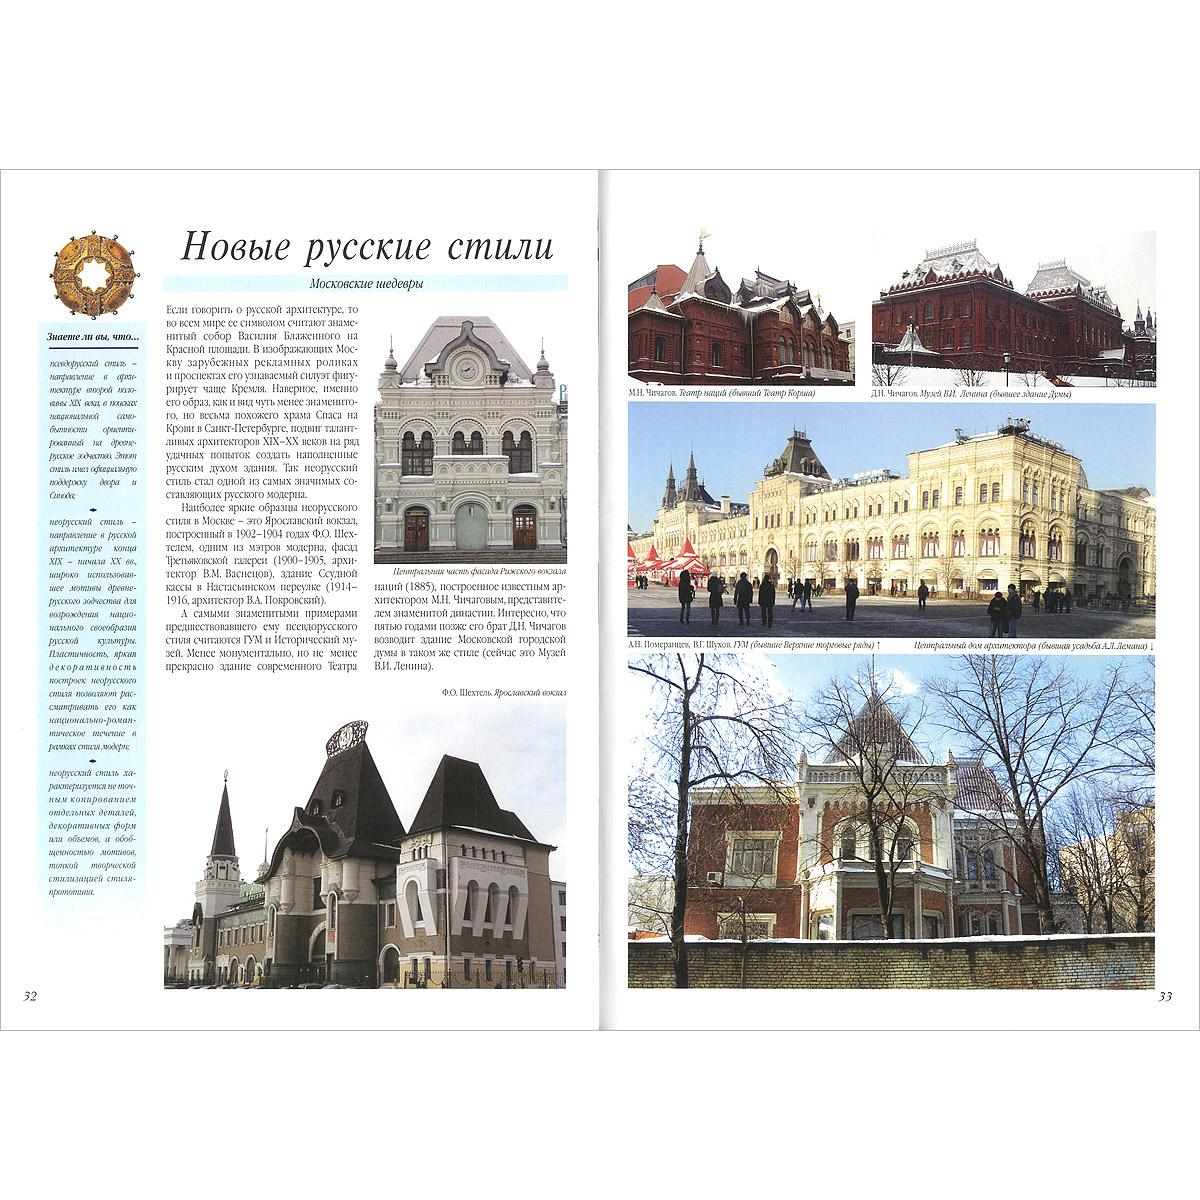 Москва. Город чудный, город древний. Чудеса архитектуры